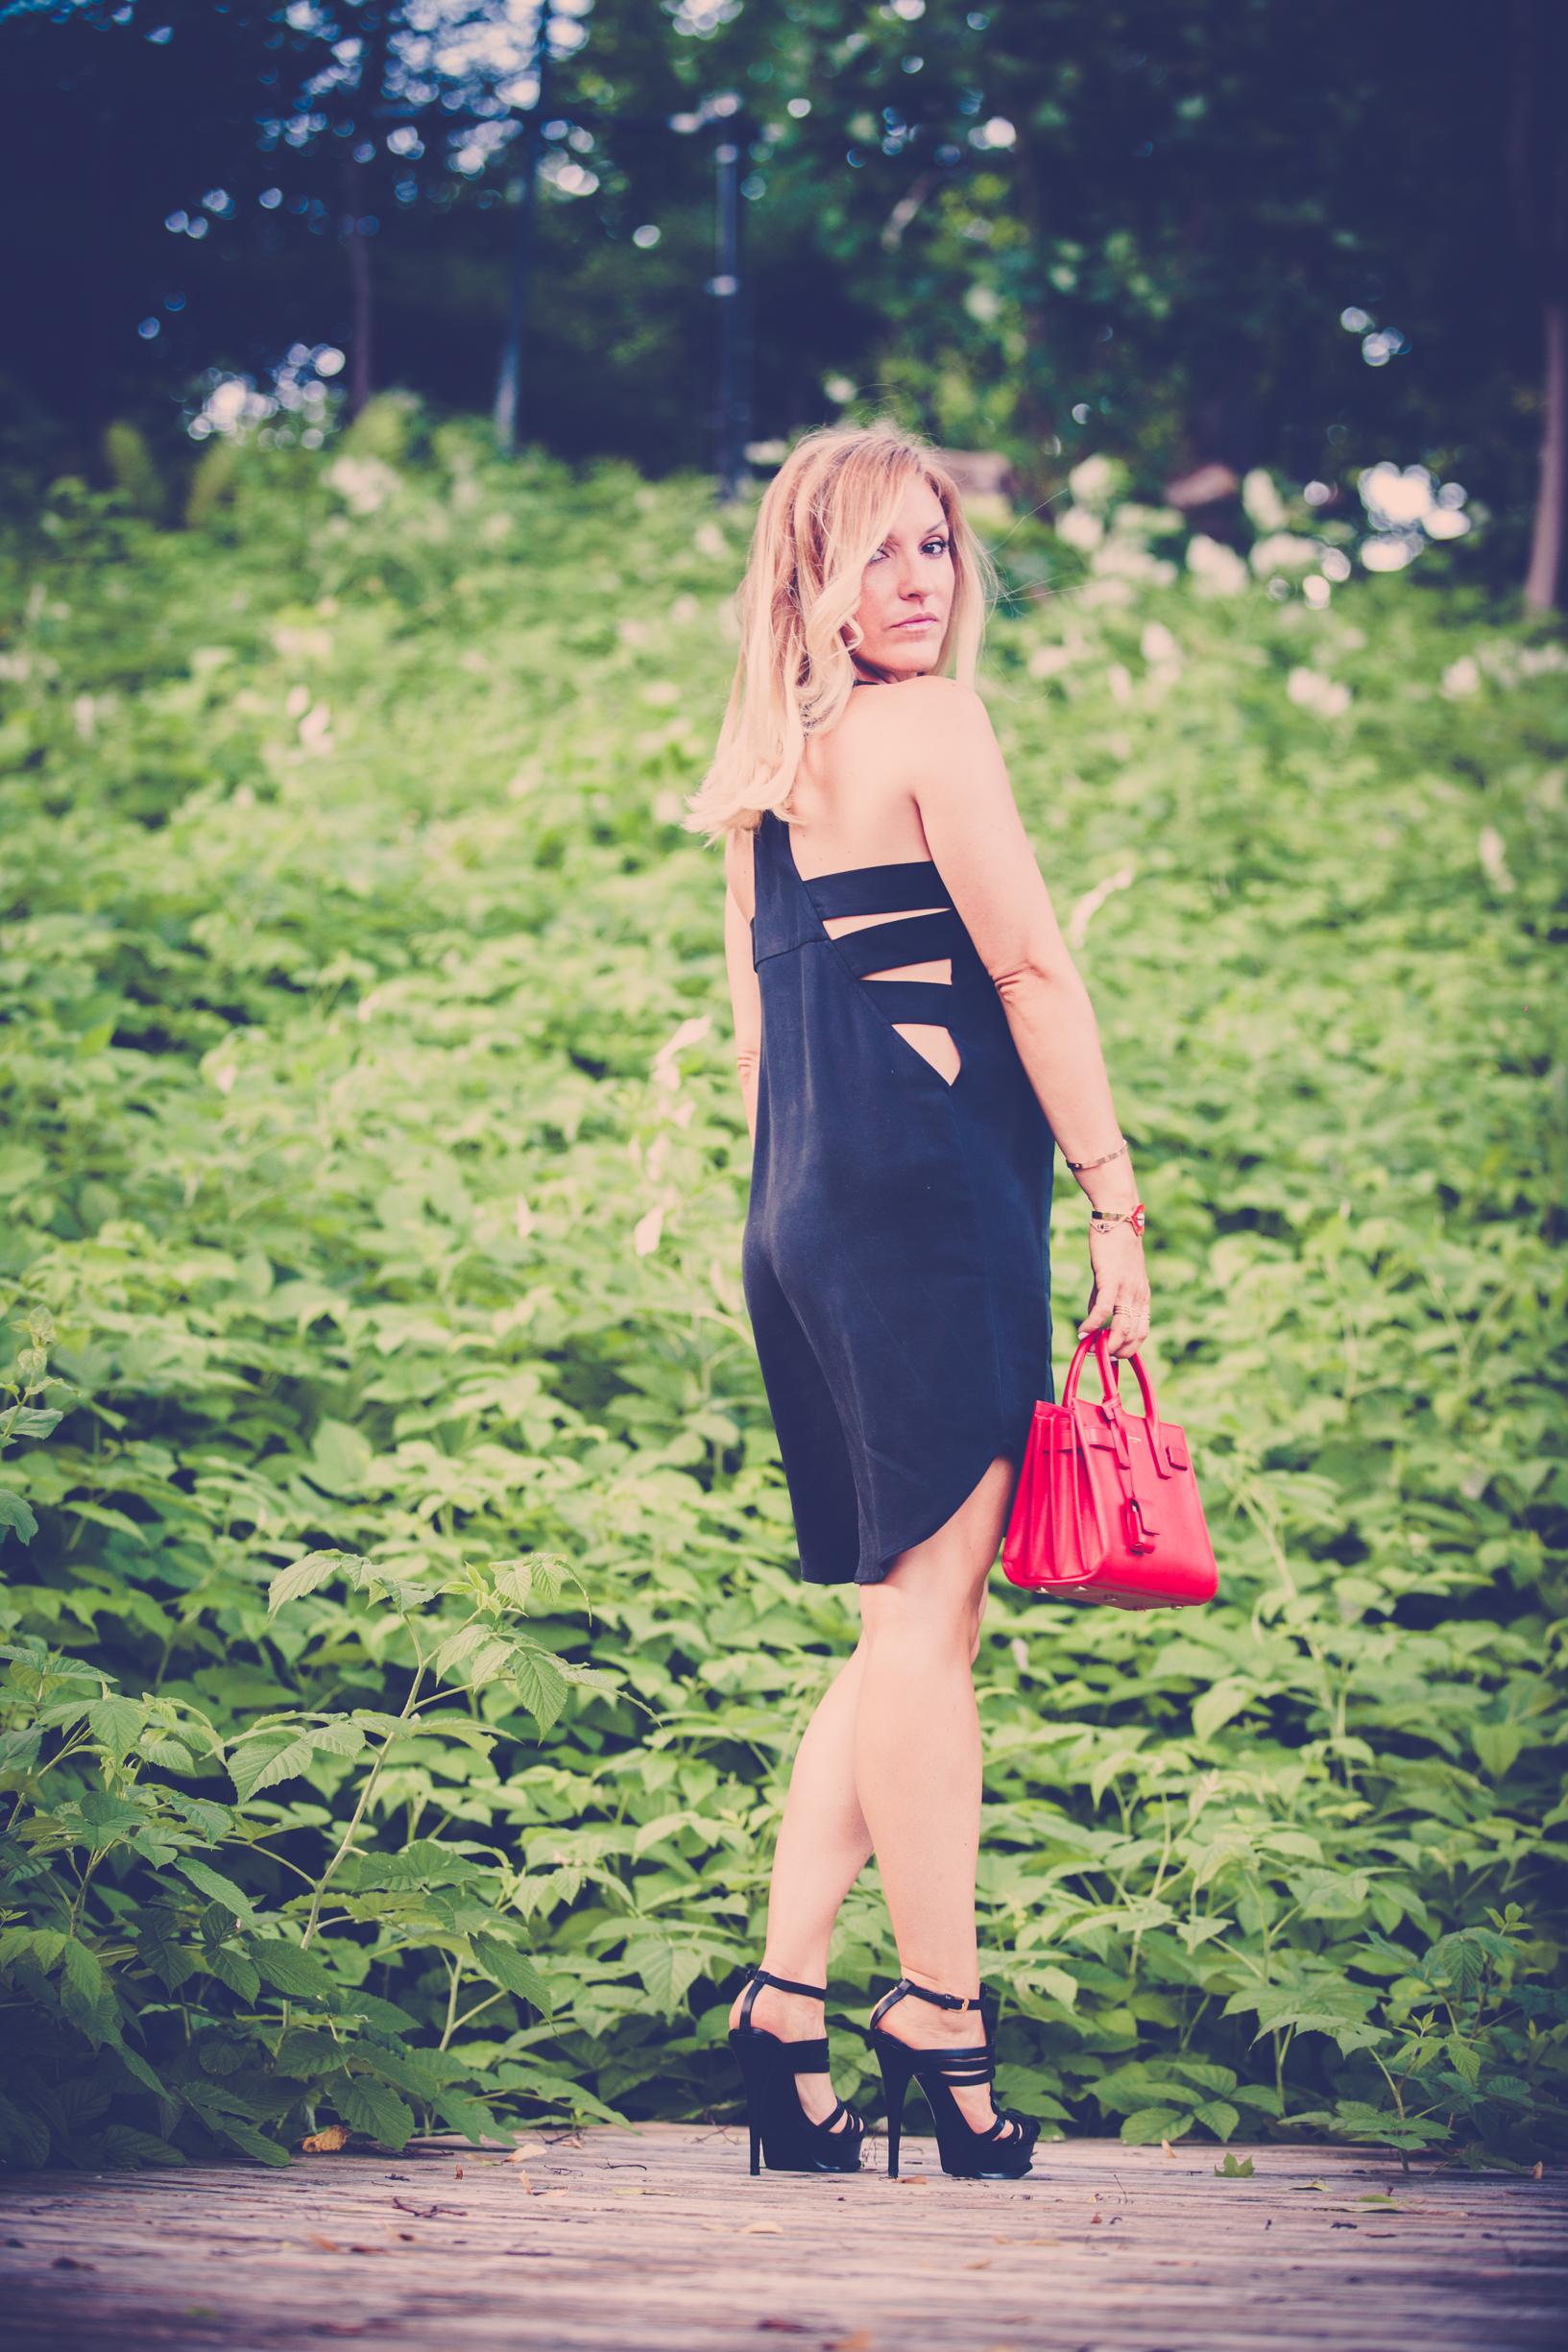 mademoiselle jules mlle cutouts cut out fashion black dress saint laurent shoes purse bag